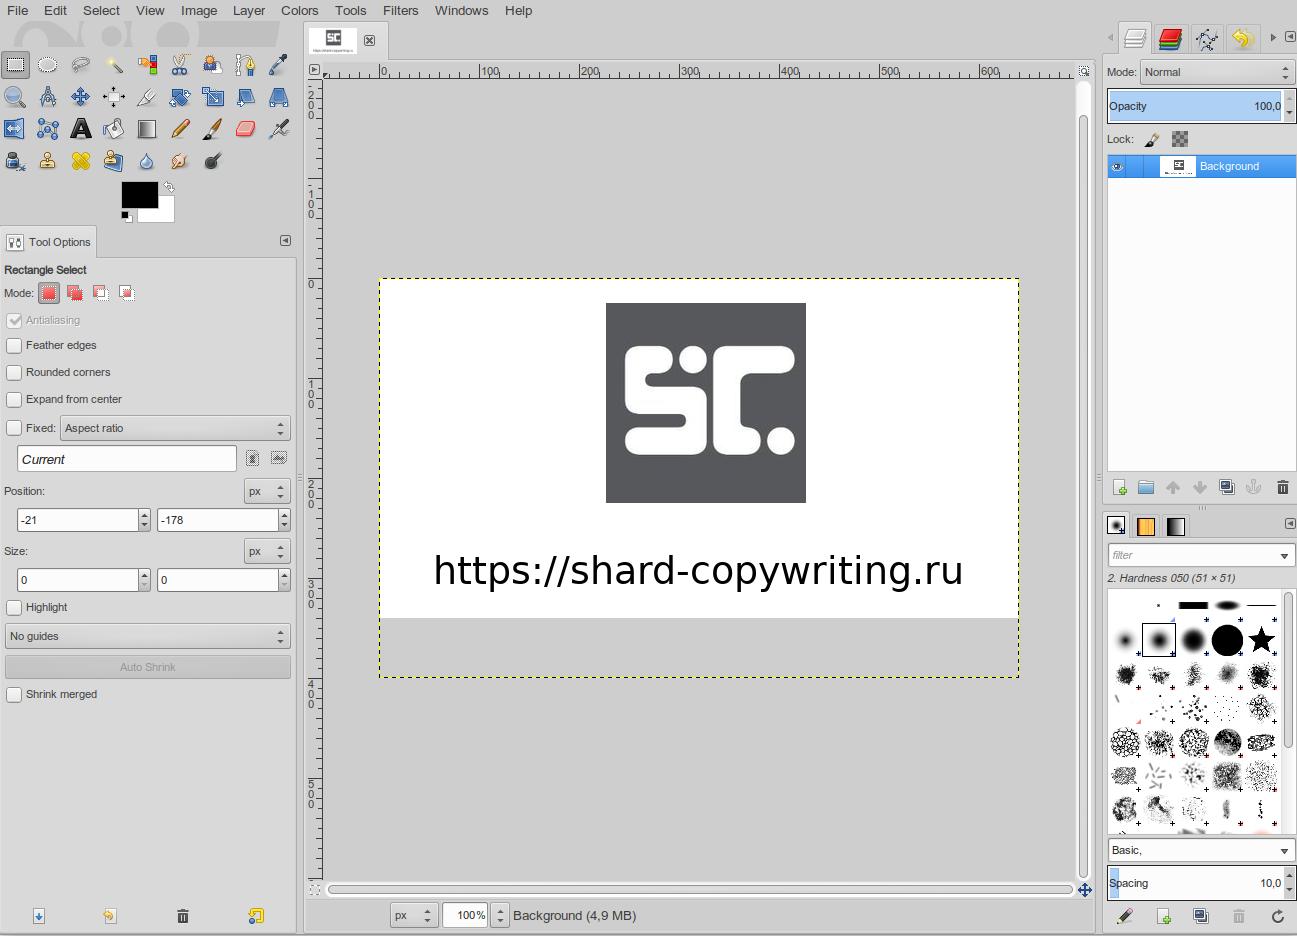 Сайт копирайтера в программе GIMP